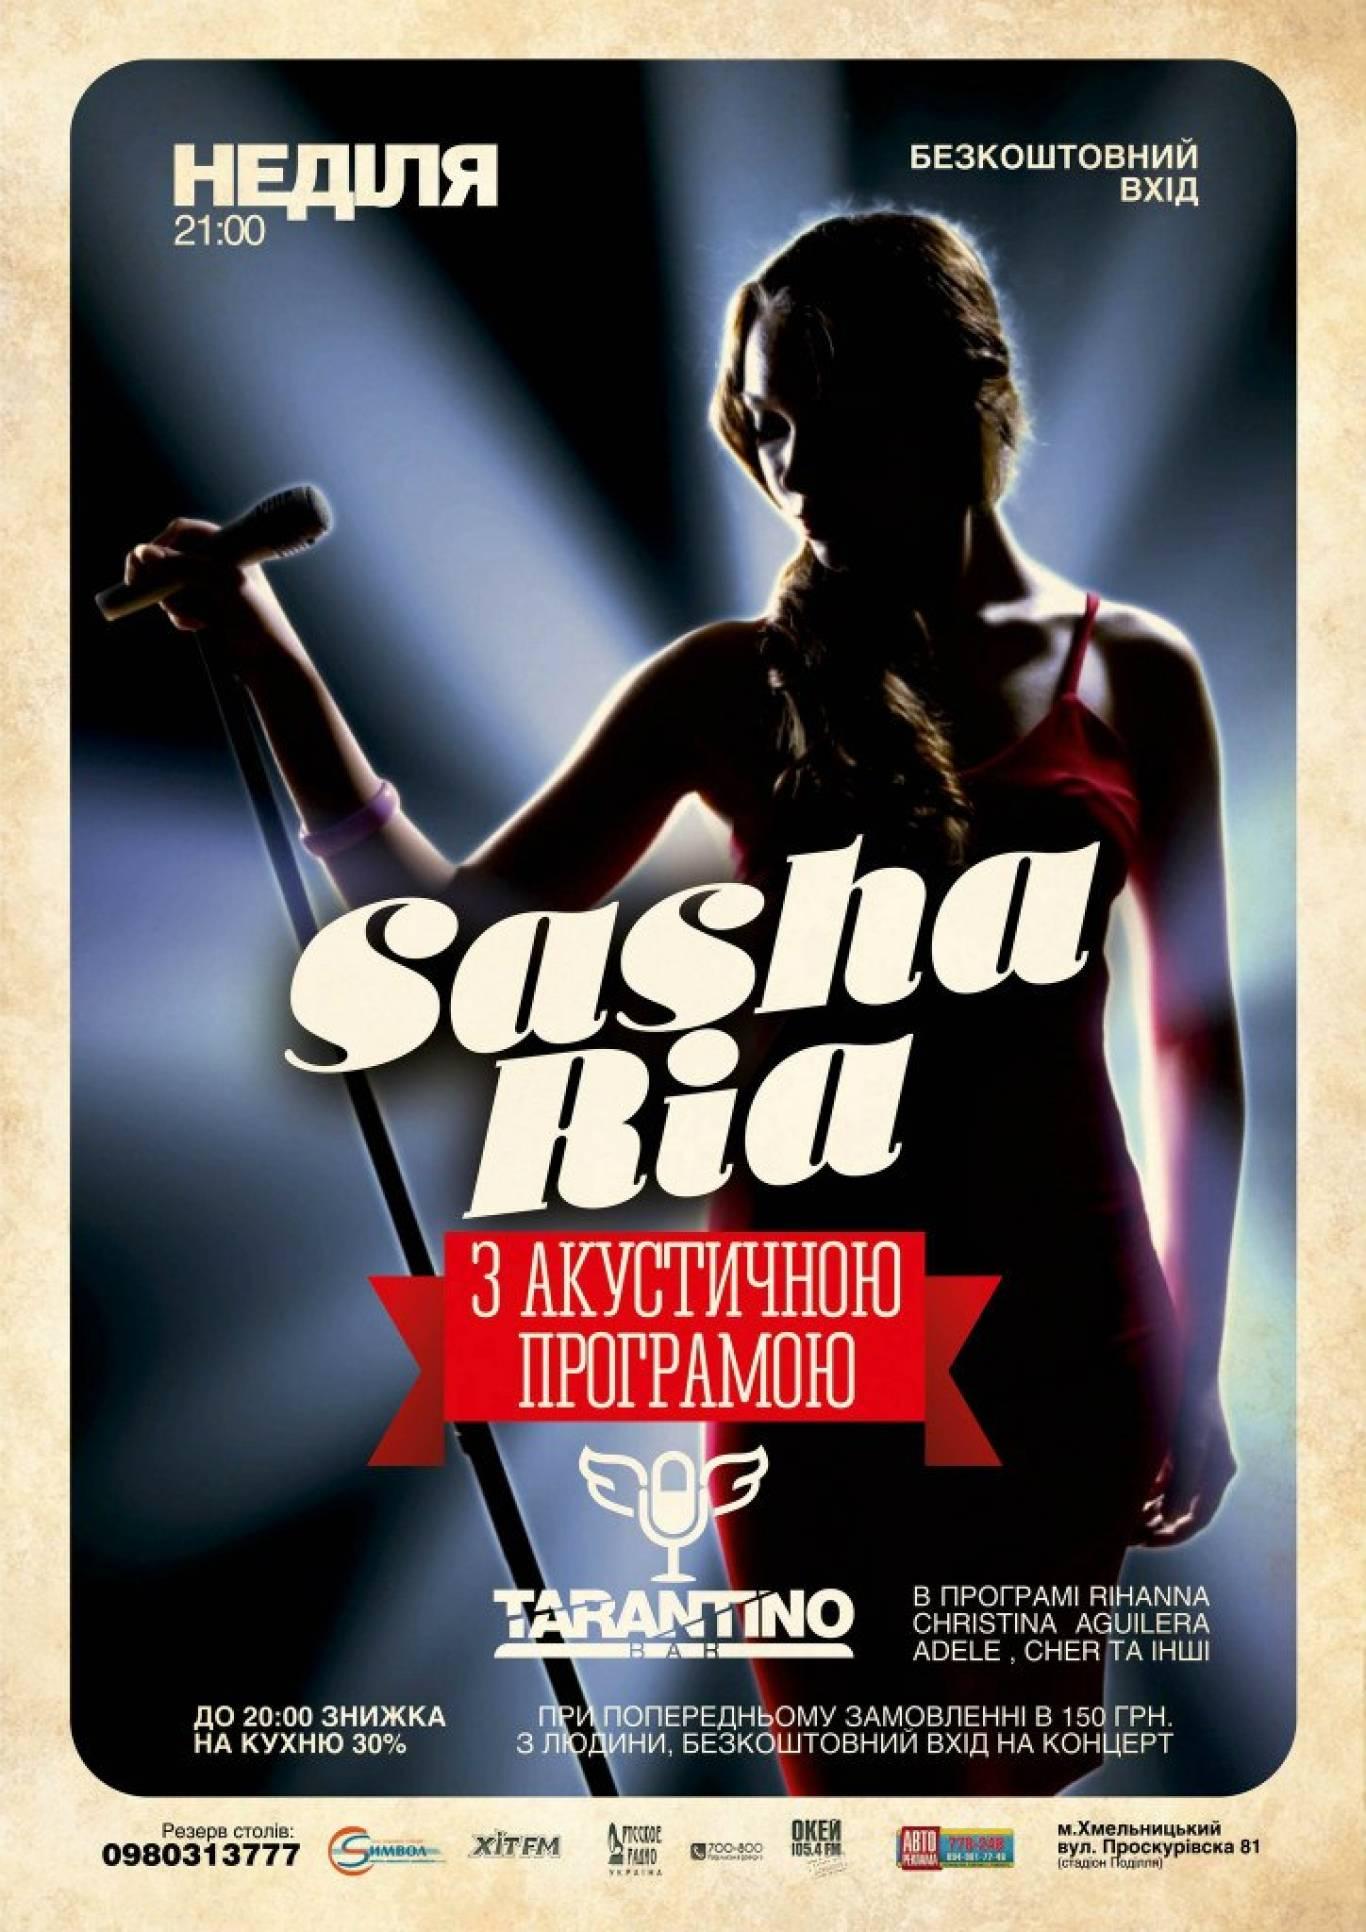 Sasha Ria